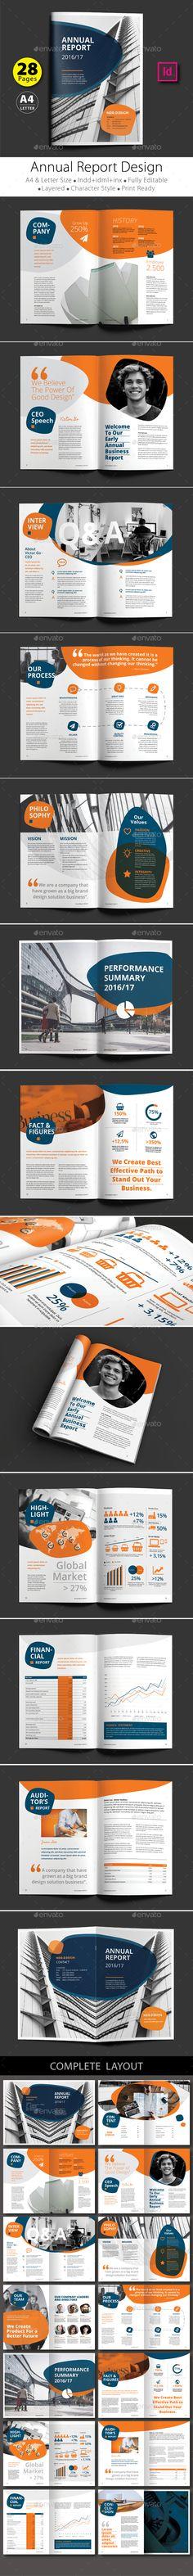 Annual Report Design Template V1 Annual reports, Annual report - sample annual report